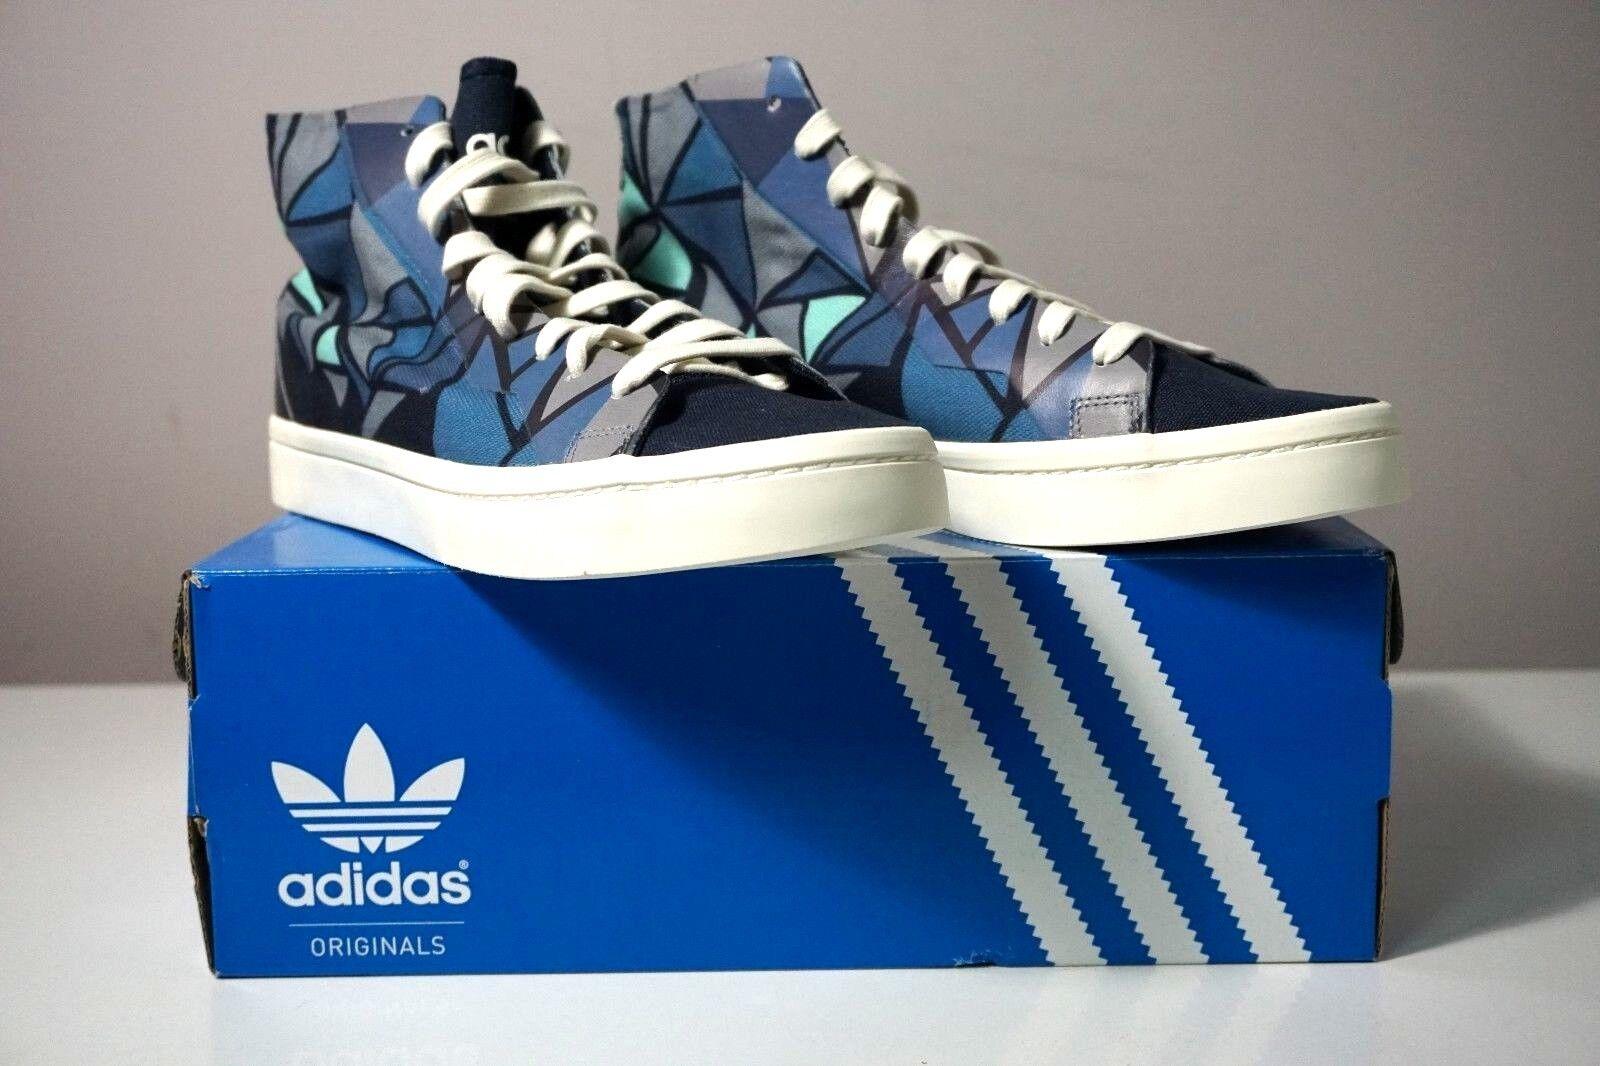 Adidas Originals Court Vantage Mid Lace Up  Geometric Wouomo scarpe S78851 Dimensione 9  spedizione e scambi gratuiti.